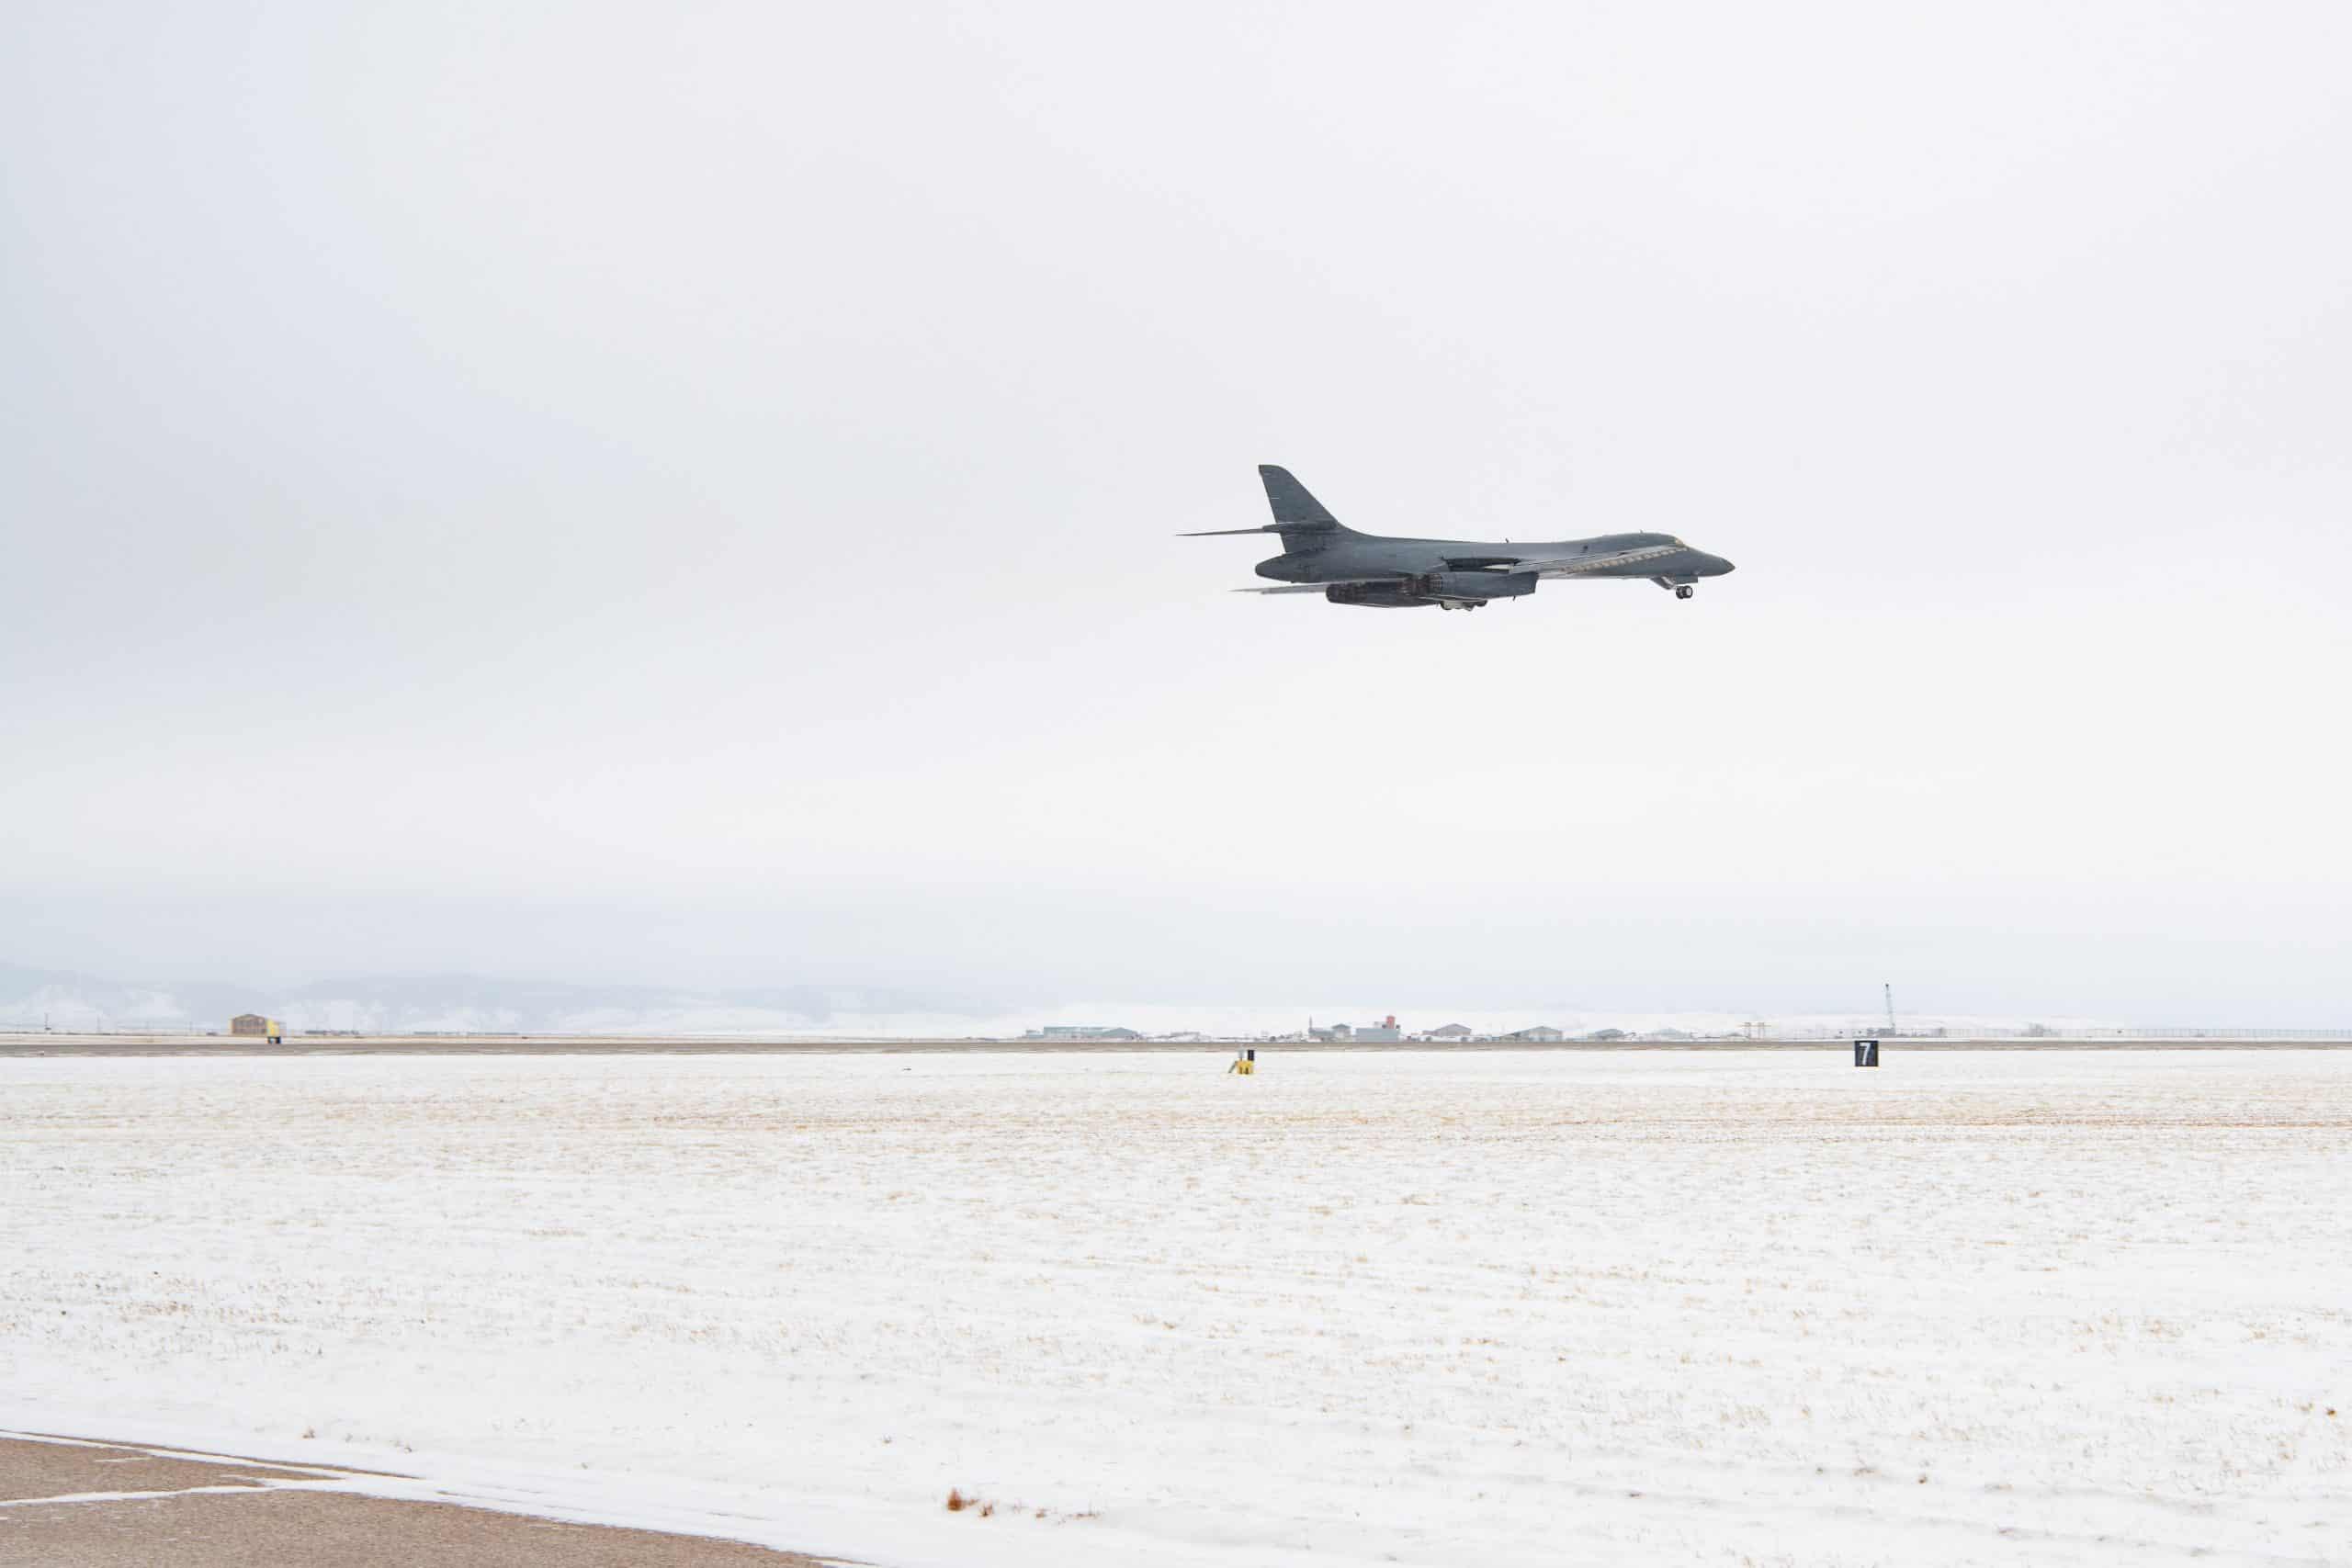 Стратегічний бомбардувальник B-1B Lancer